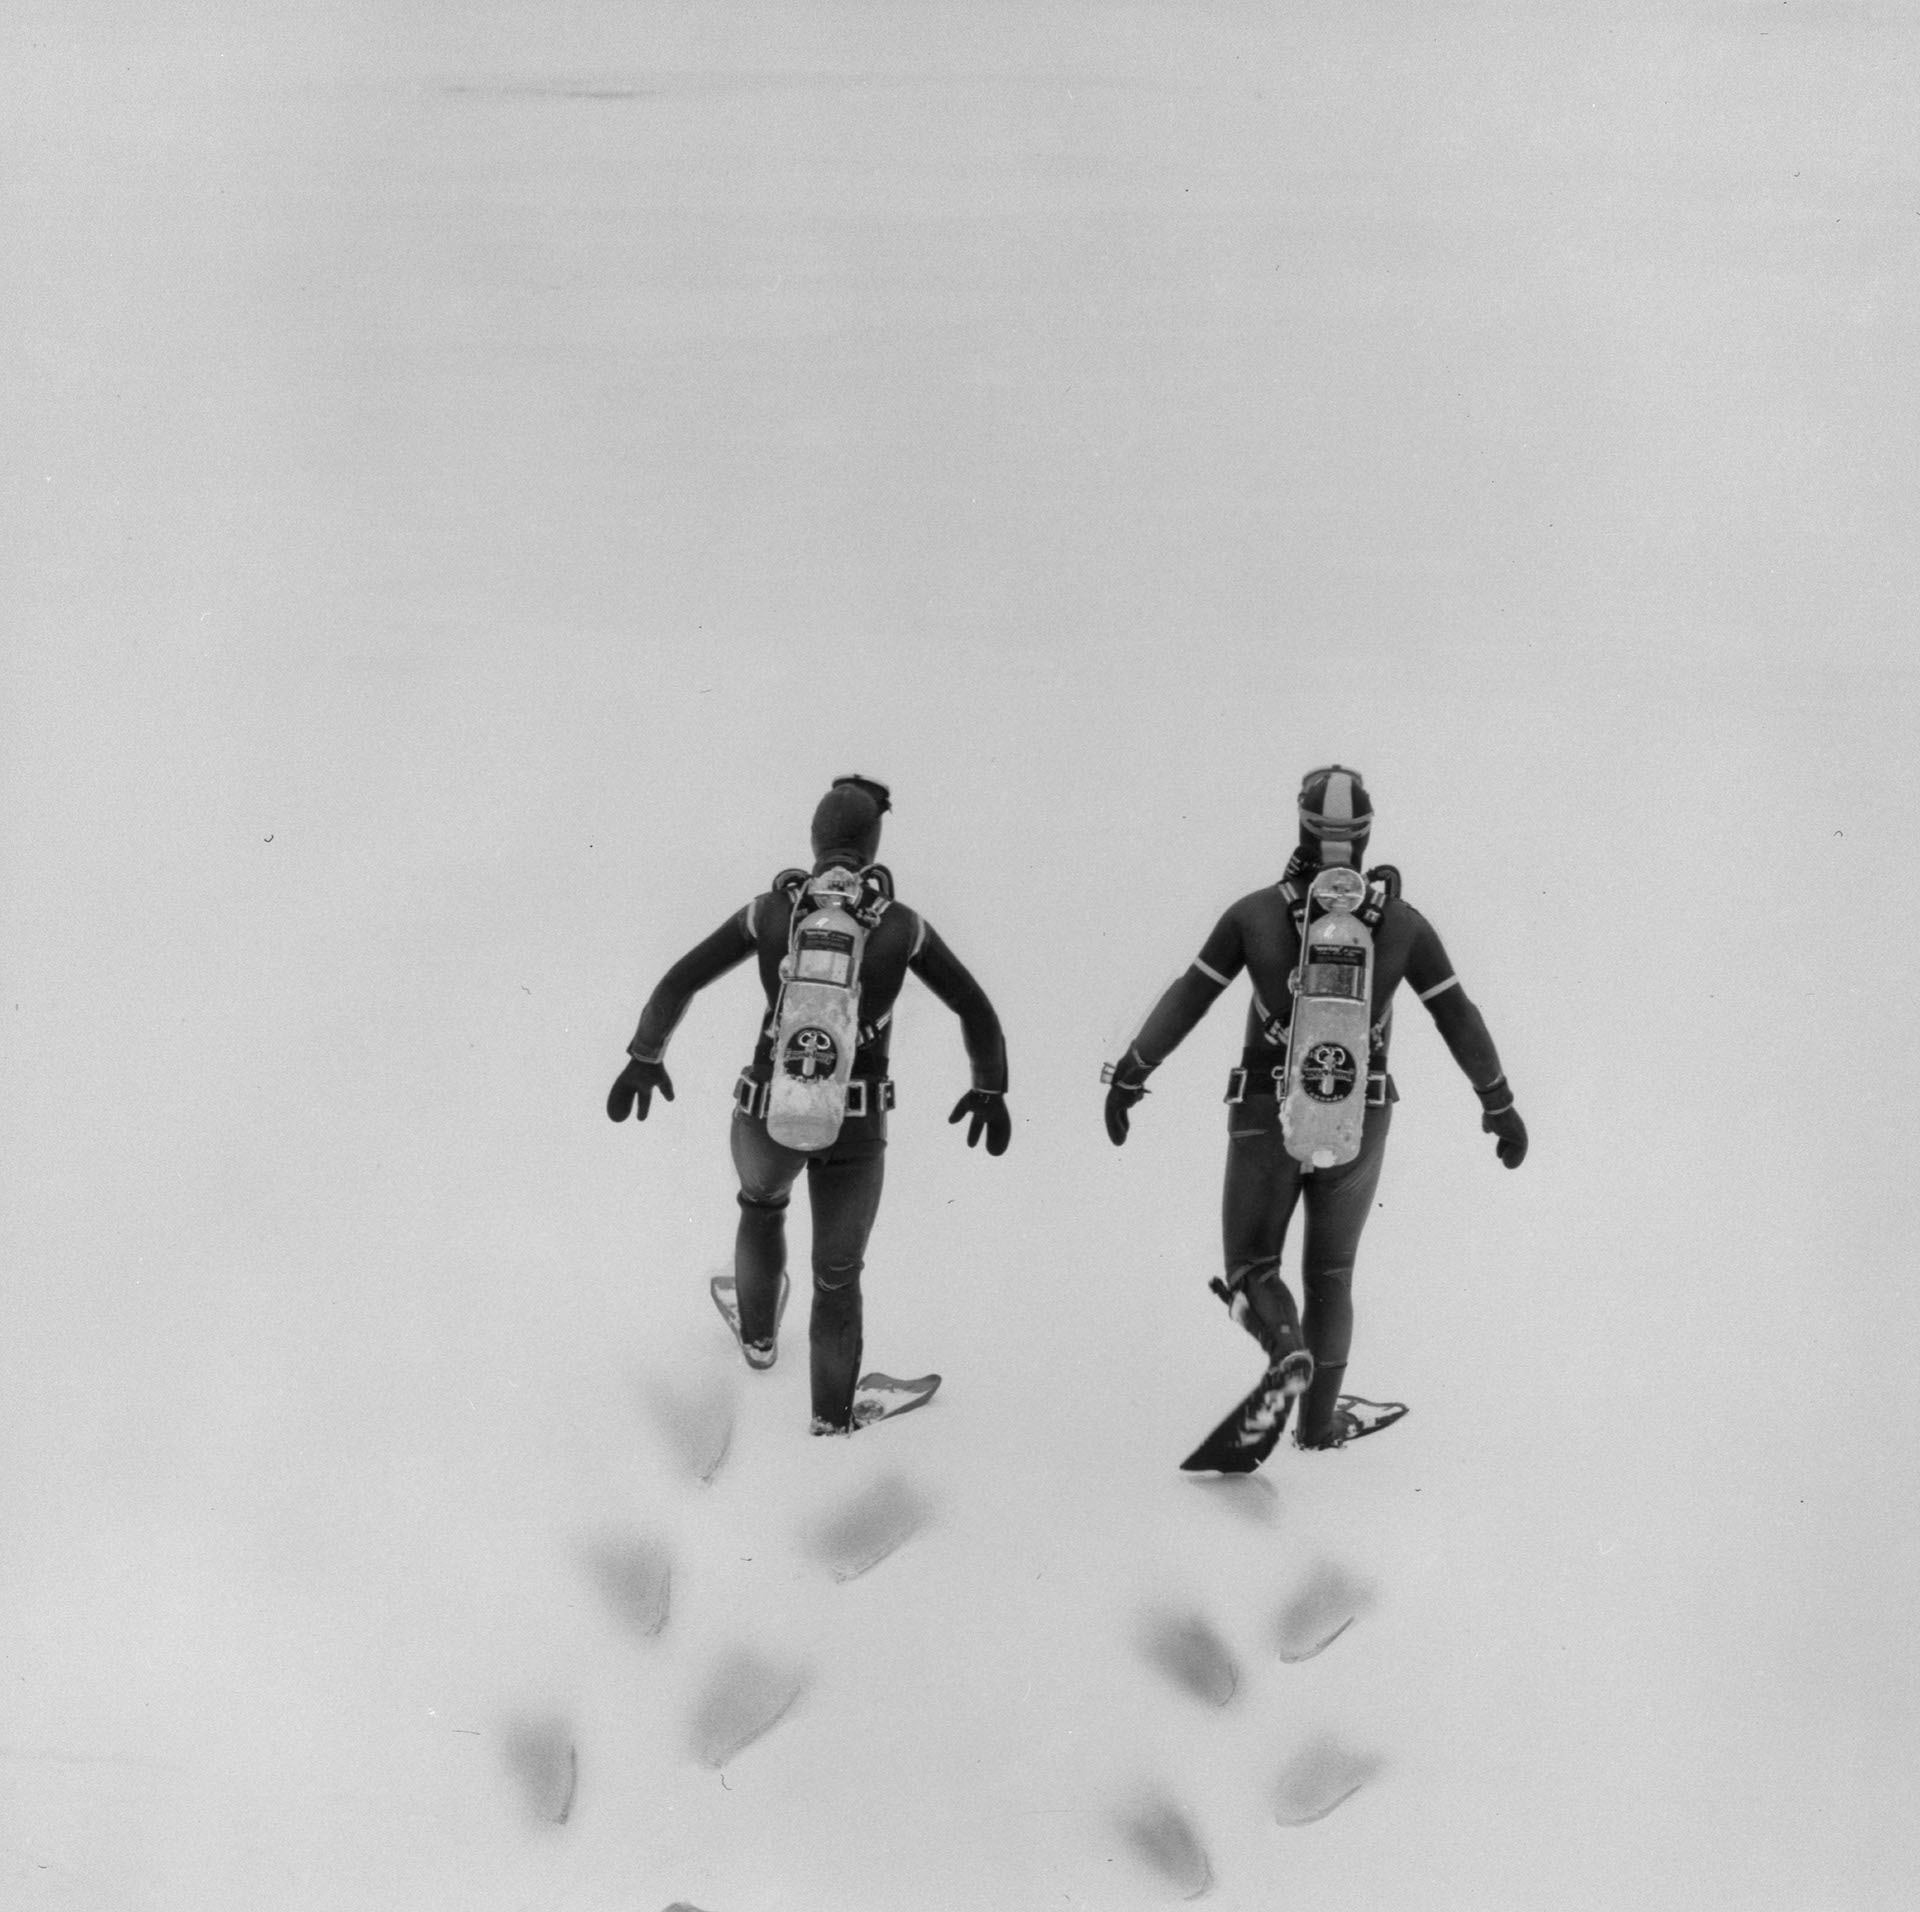 Deux plongeurs vus de dos marchent dans la neige.